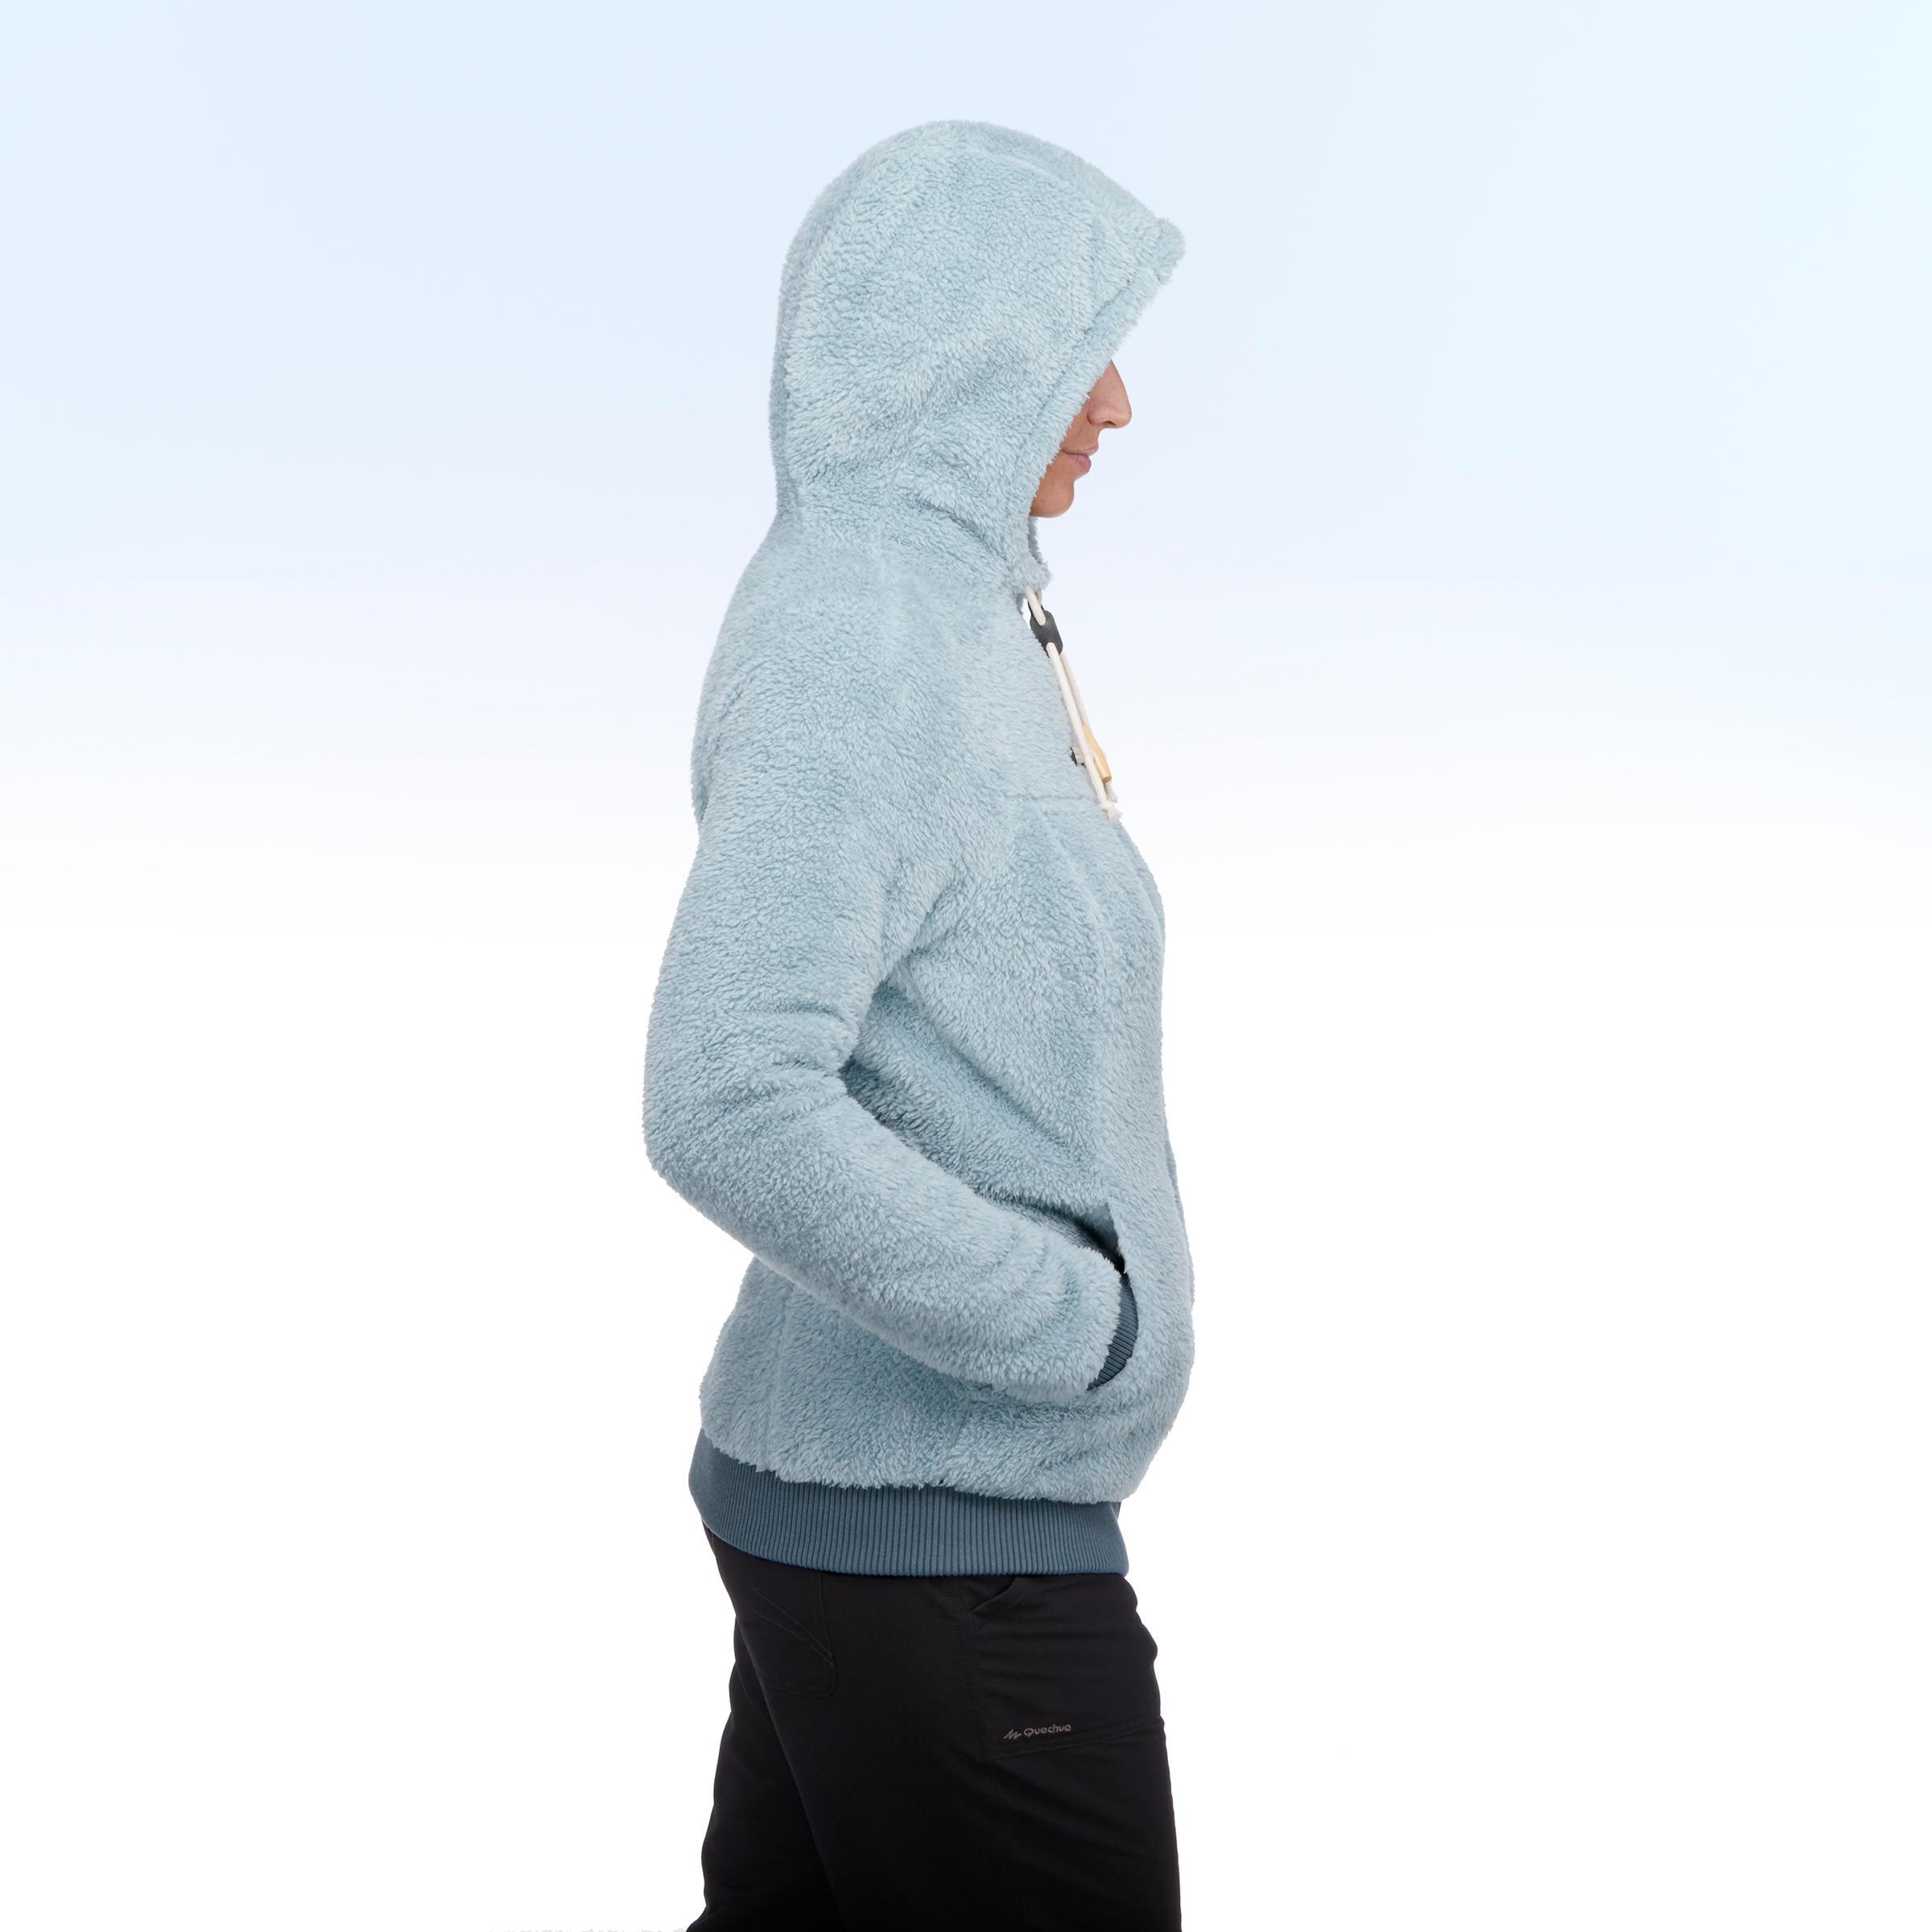 Veste polaire de randonnée neige femme SH100 ultra-warm bleu-ice